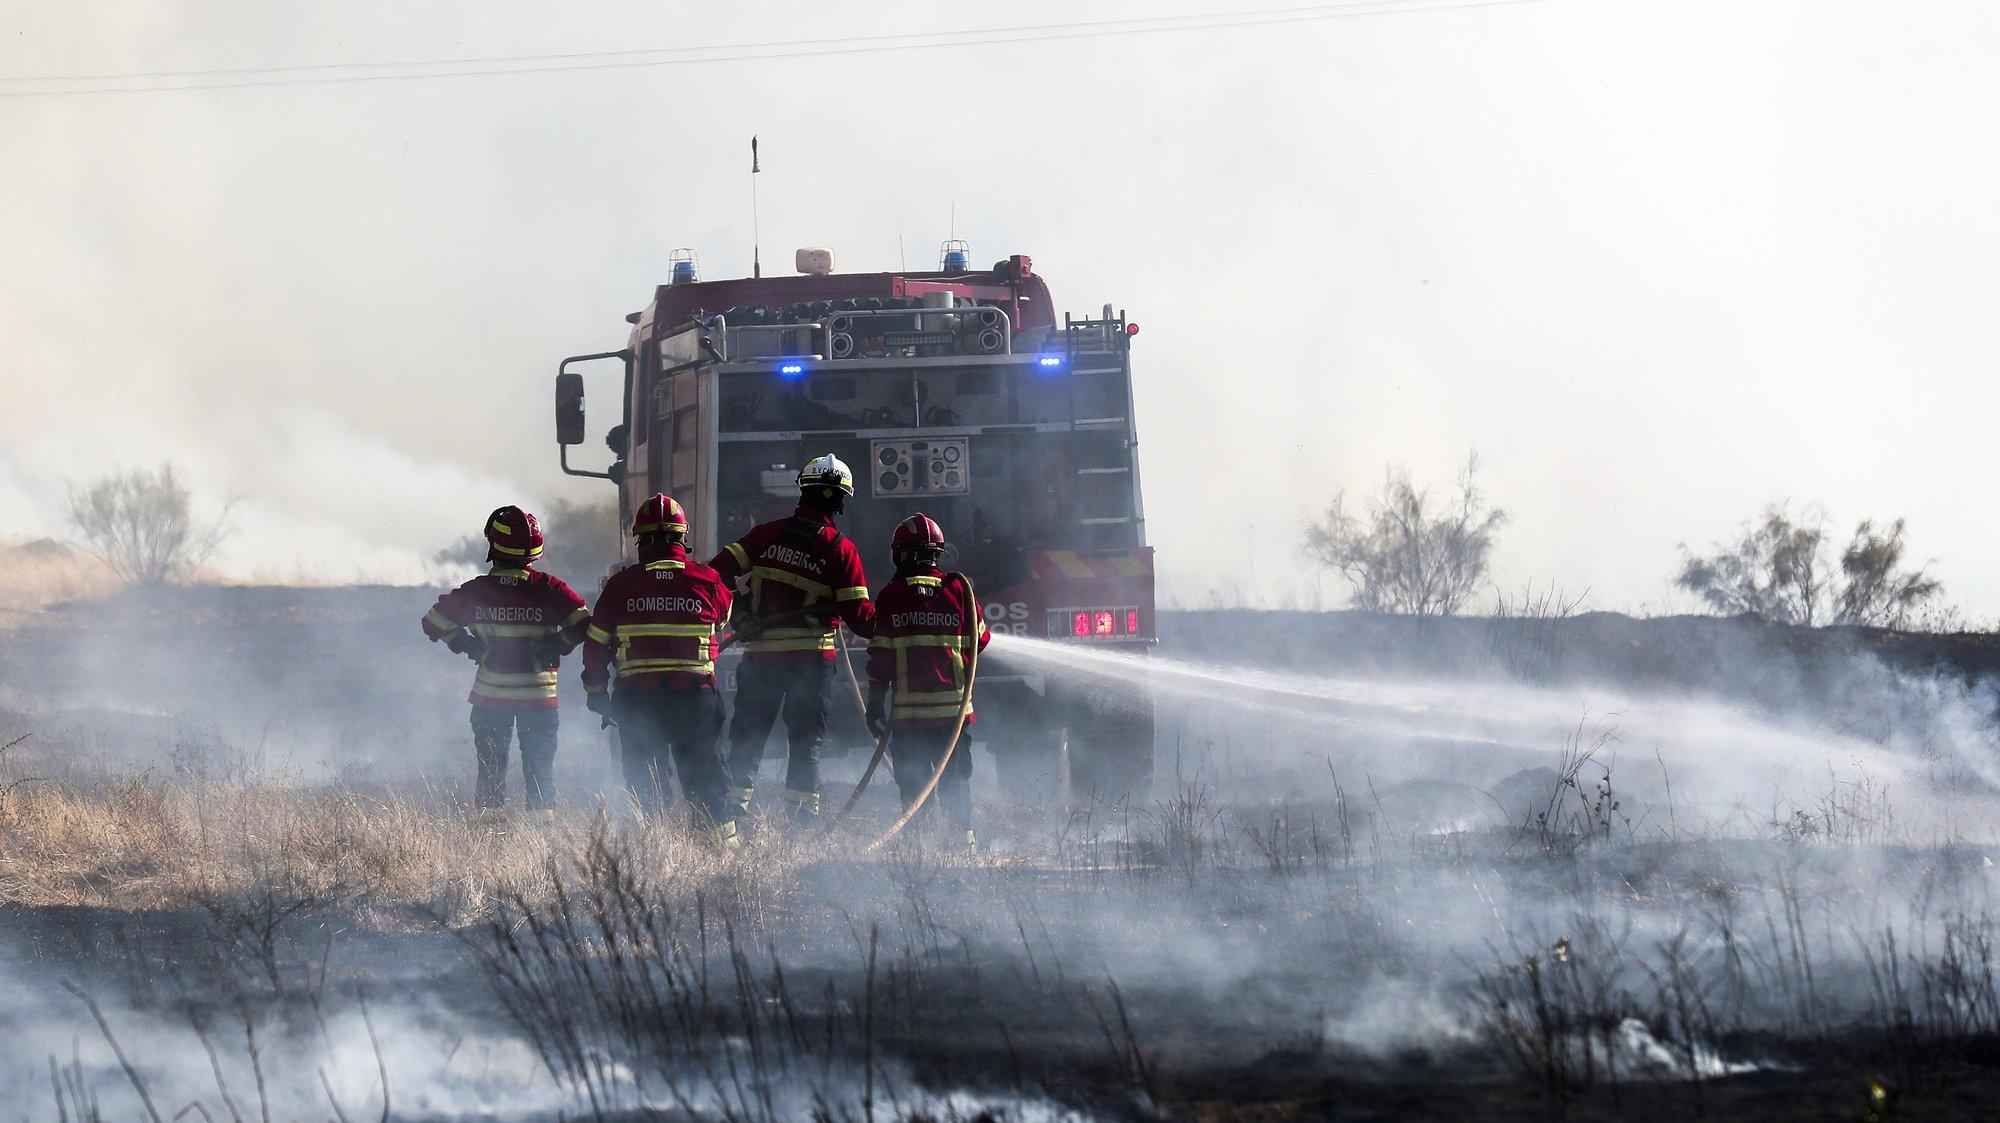 Elementos de várias corporações de bombeiros voluntários combatem um incêndio numa mata da freguesia de Vila Boim, Elvas, 28 de julho de 2021. Segundo a Autoridade Nacional de Emergência e Proteção Civil estão envolvidos no combate ao incêndio 155 bombeiros, 45 meios terrestres, e 5 meios aéreos. NUNO VEIGA/LUSA